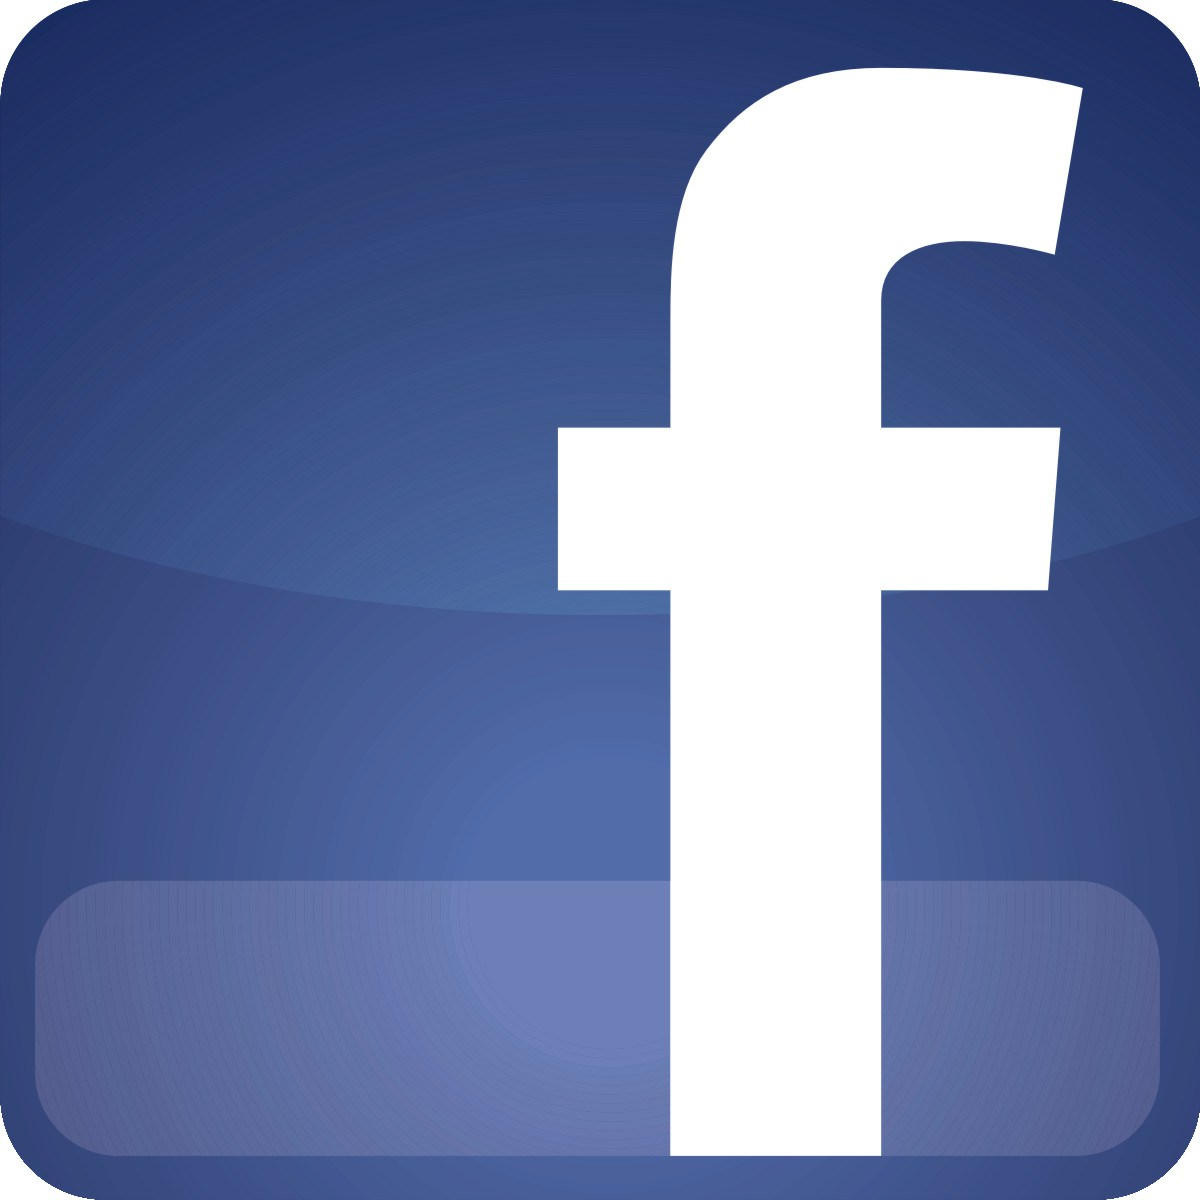 Block Social Media App Iphone